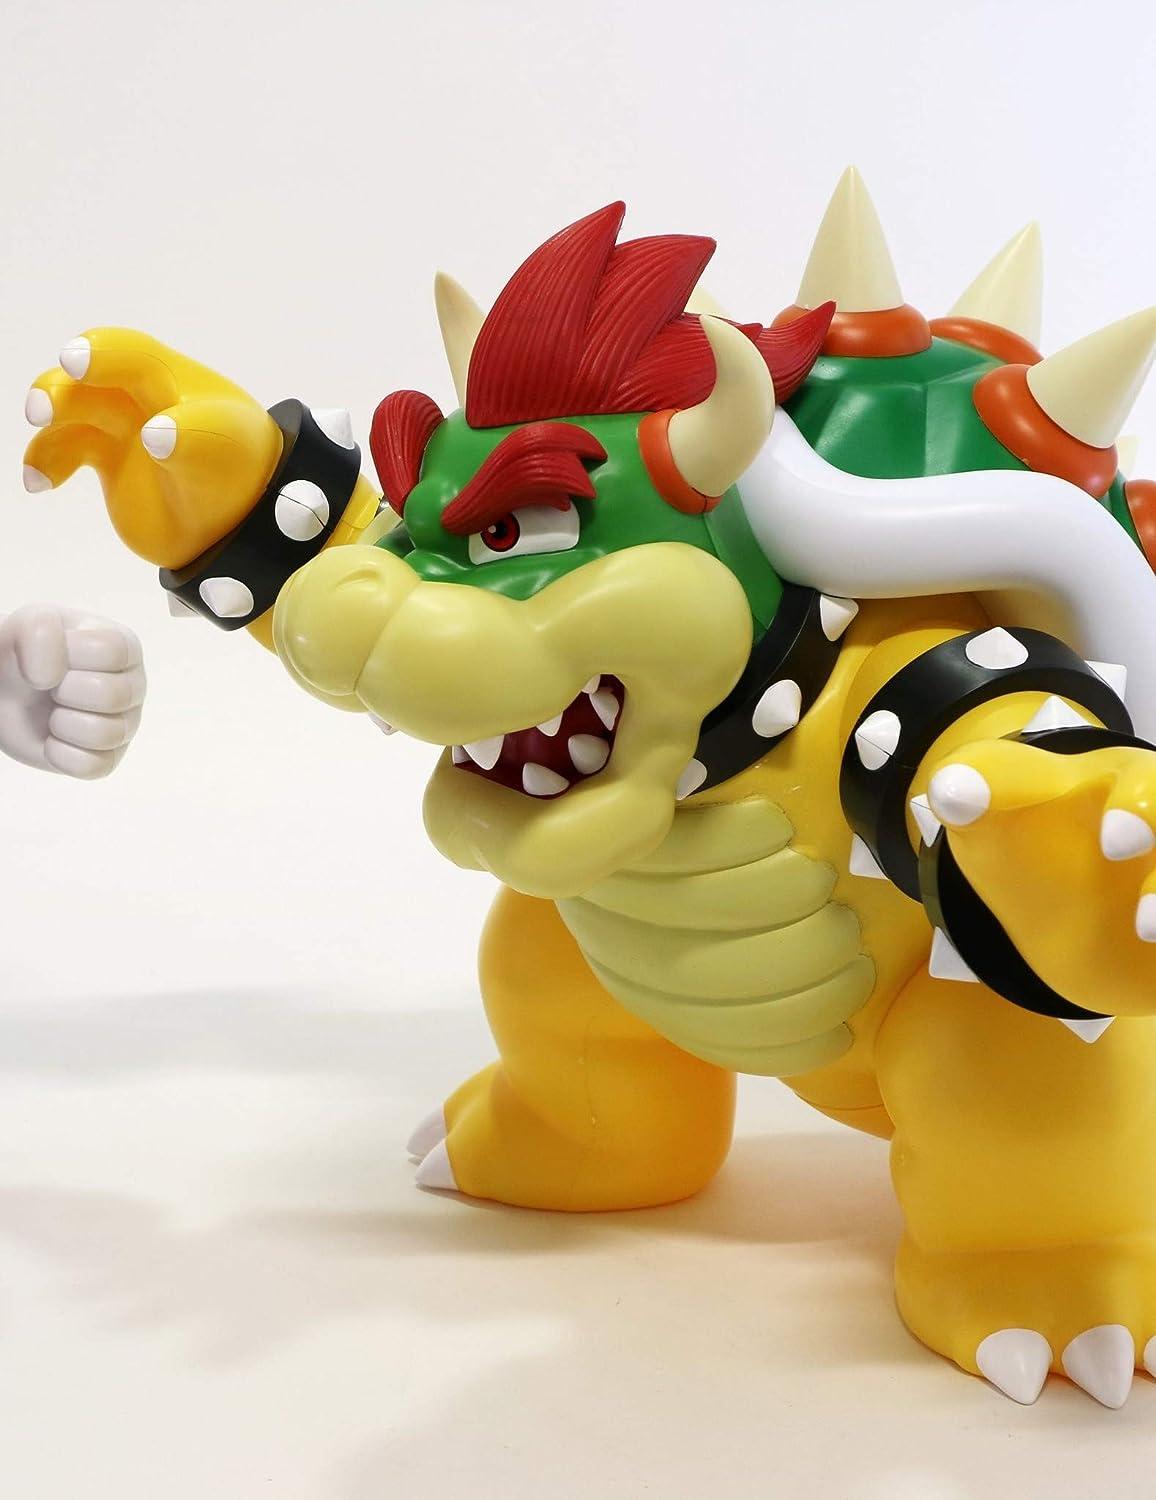 Super Mario Bros 100/% authentic Super Big 30cm Bowser PVC figure Taito